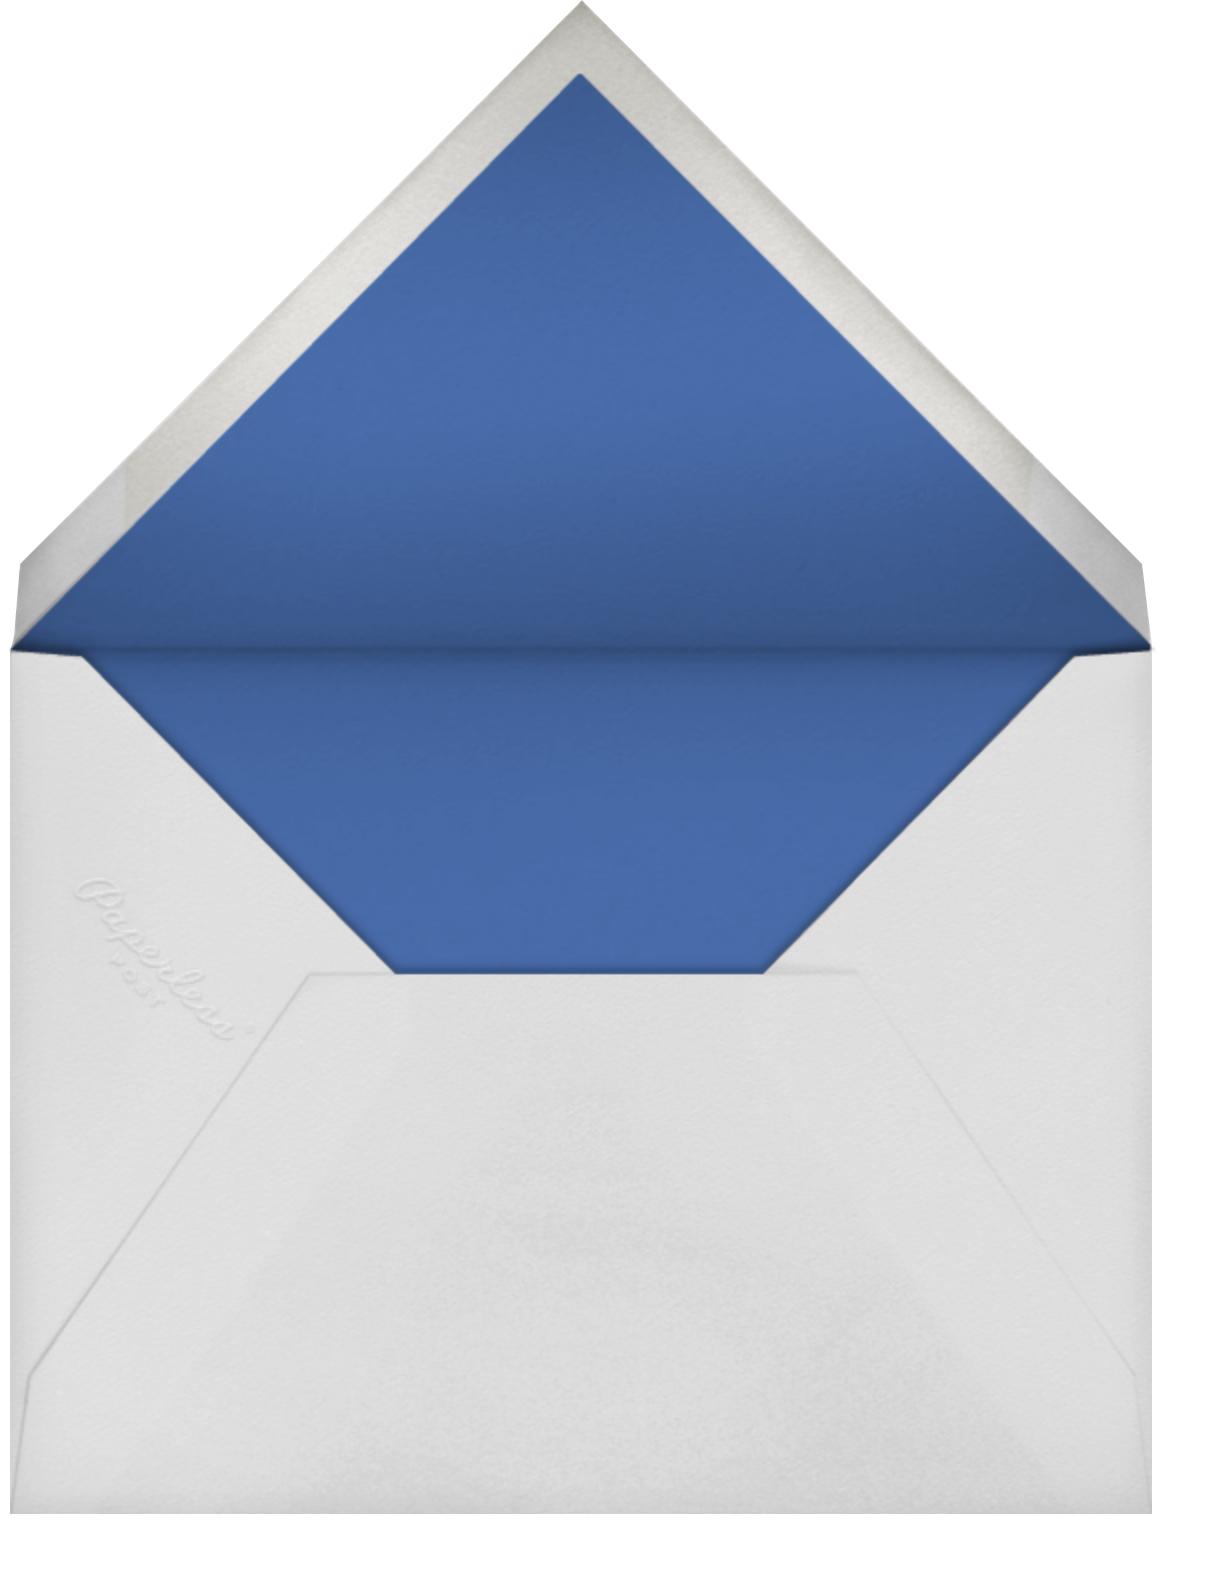 Floral Trellis I (Stationery) - Regent Blue - Oscar de la Renta - Wedding - envelope back